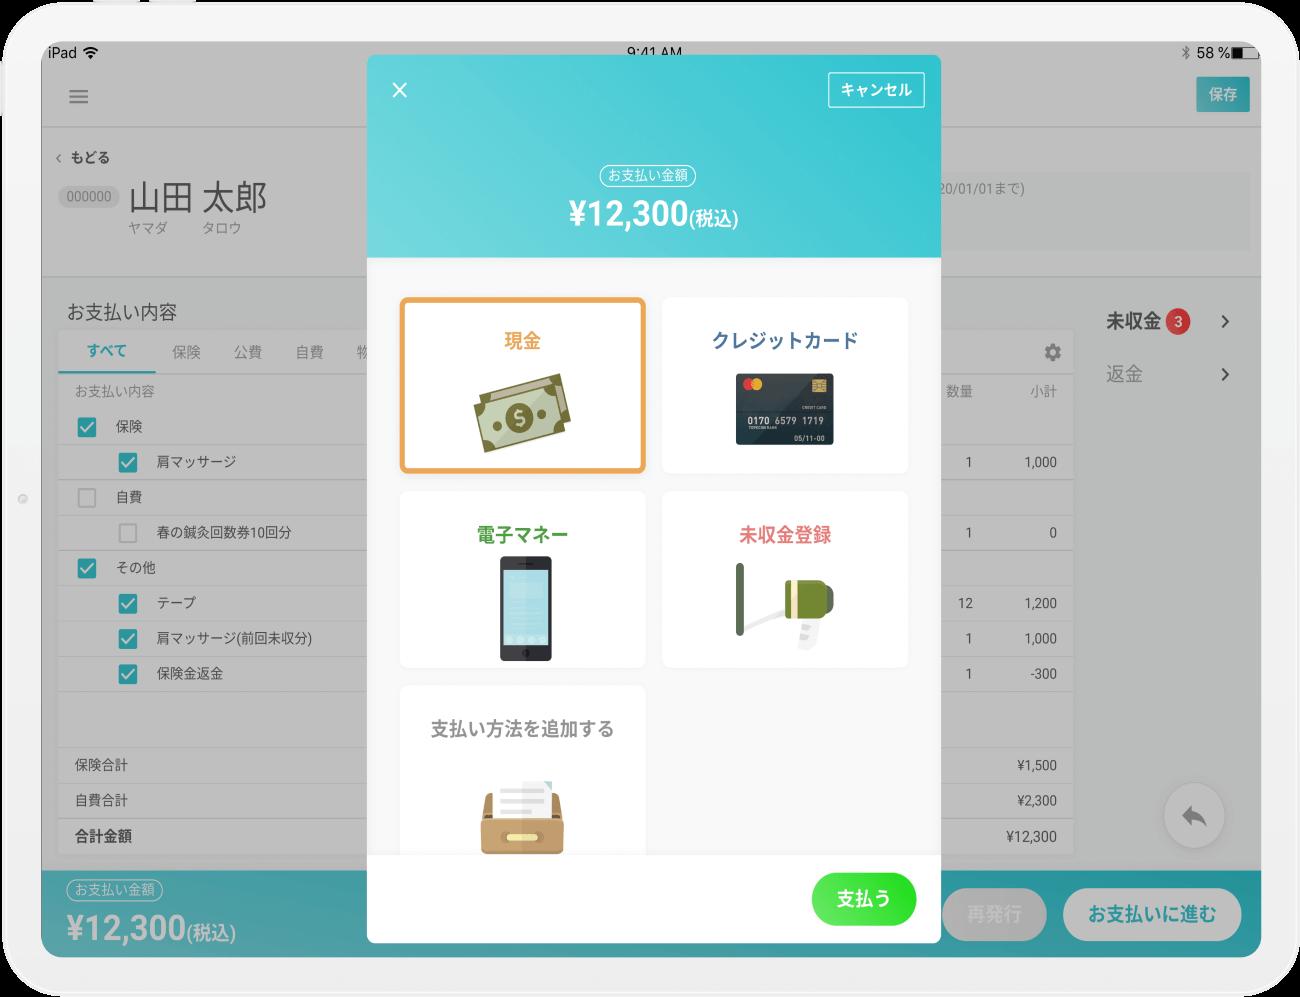 会計ダッシュボード - お支払い方法選択画面のモック